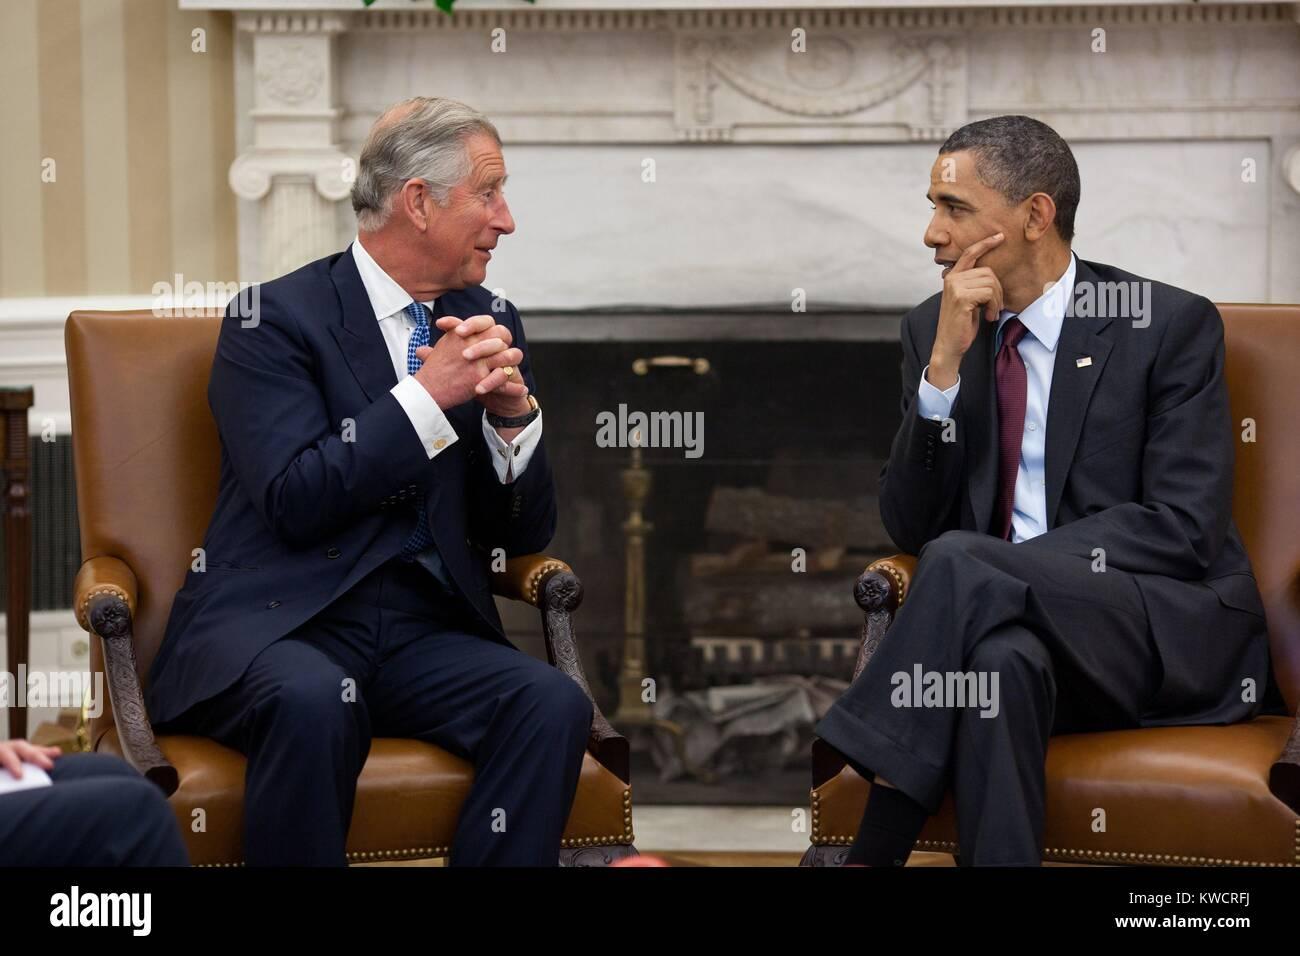 Präsident Barack Obama trifft sich mit Prinz Charles, Prinz von Wales, im Oval Office, 4. Mai 2011. (BSLOC Stockbild